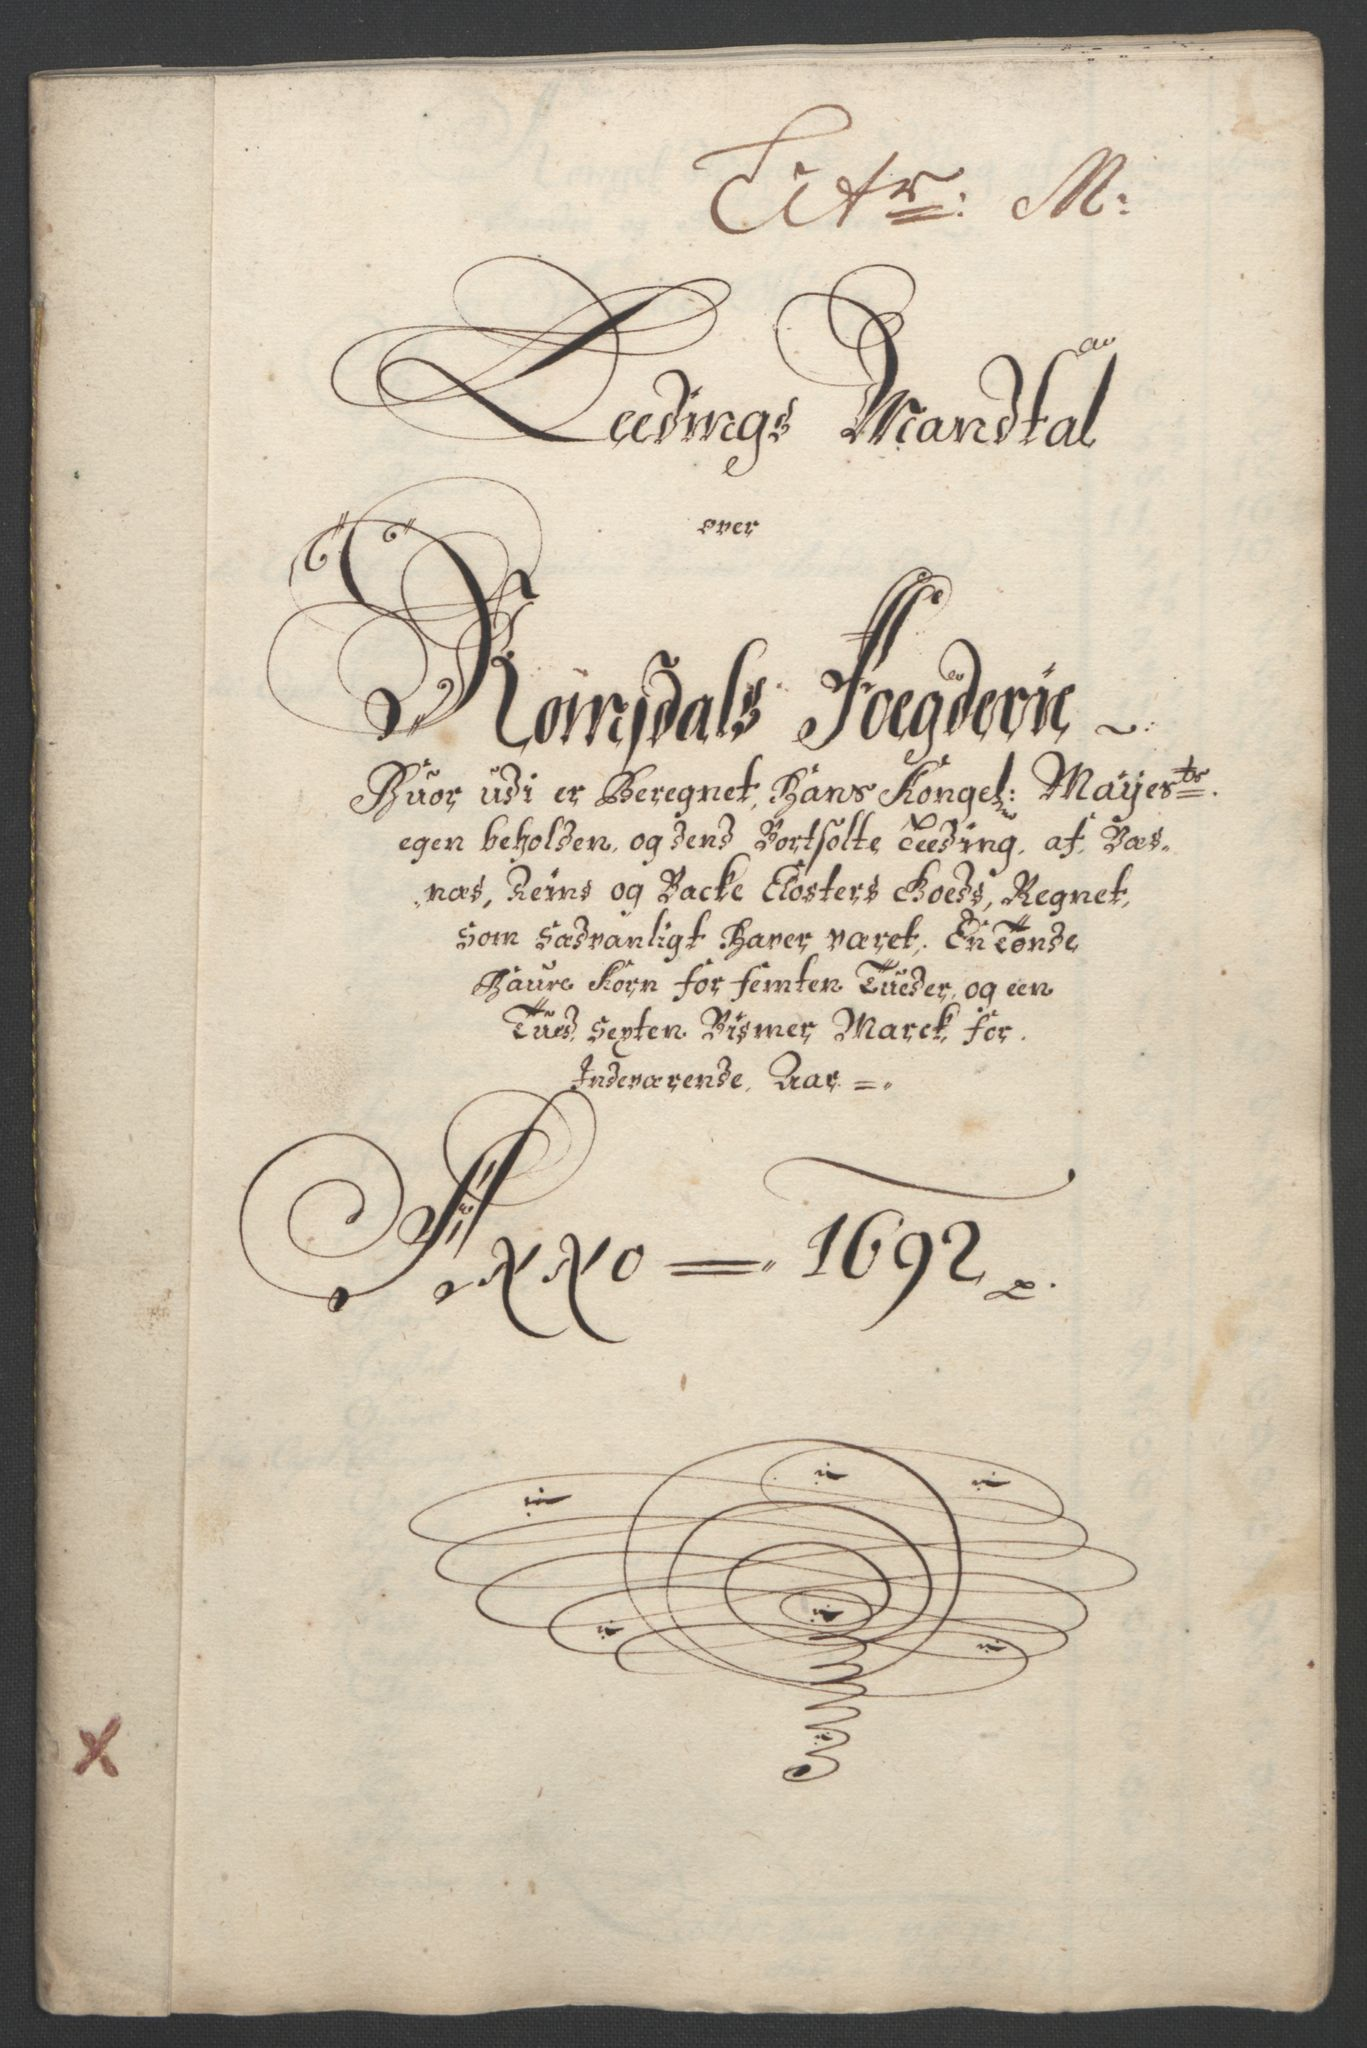 RA, Rentekammeret inntil 1814, Reviderte regnskaper, Fogderegnskap, R55/L3650: Fogderegnskap Romsdal, 1692, s. 140